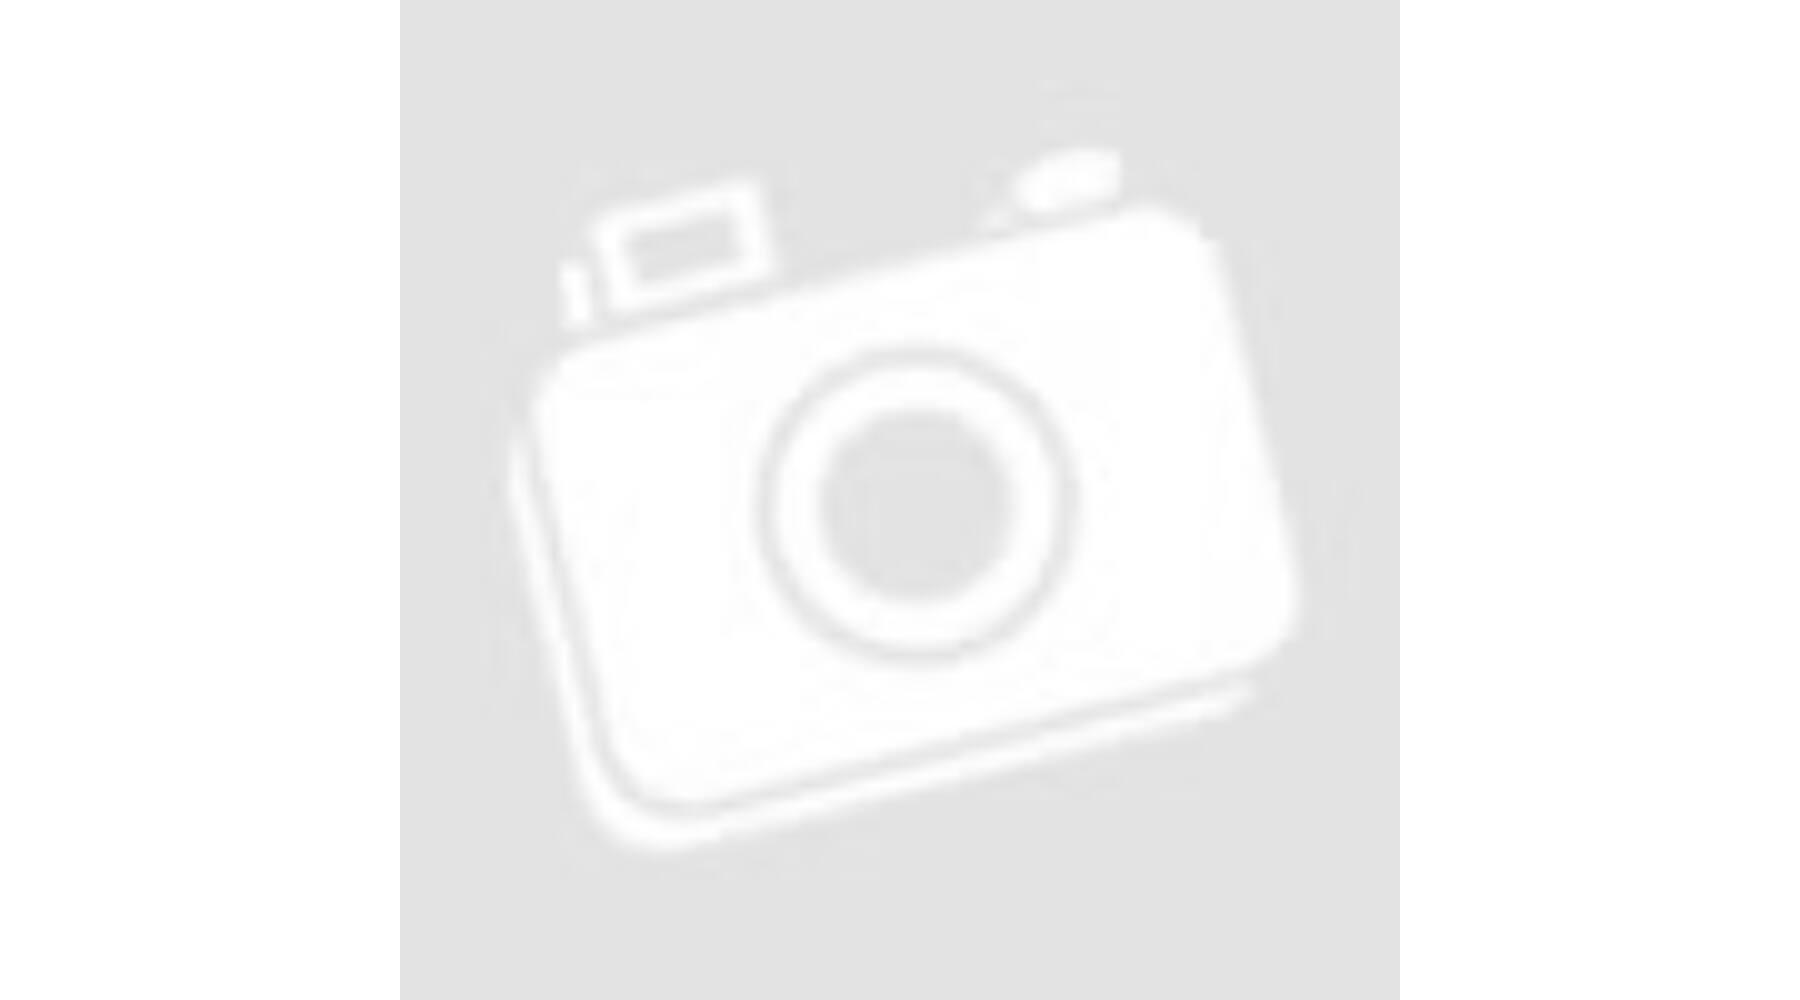 9e14aab010 női lenvászon hatású nadrág - Nadrágok - ZenudaShop - Ruha webáruház